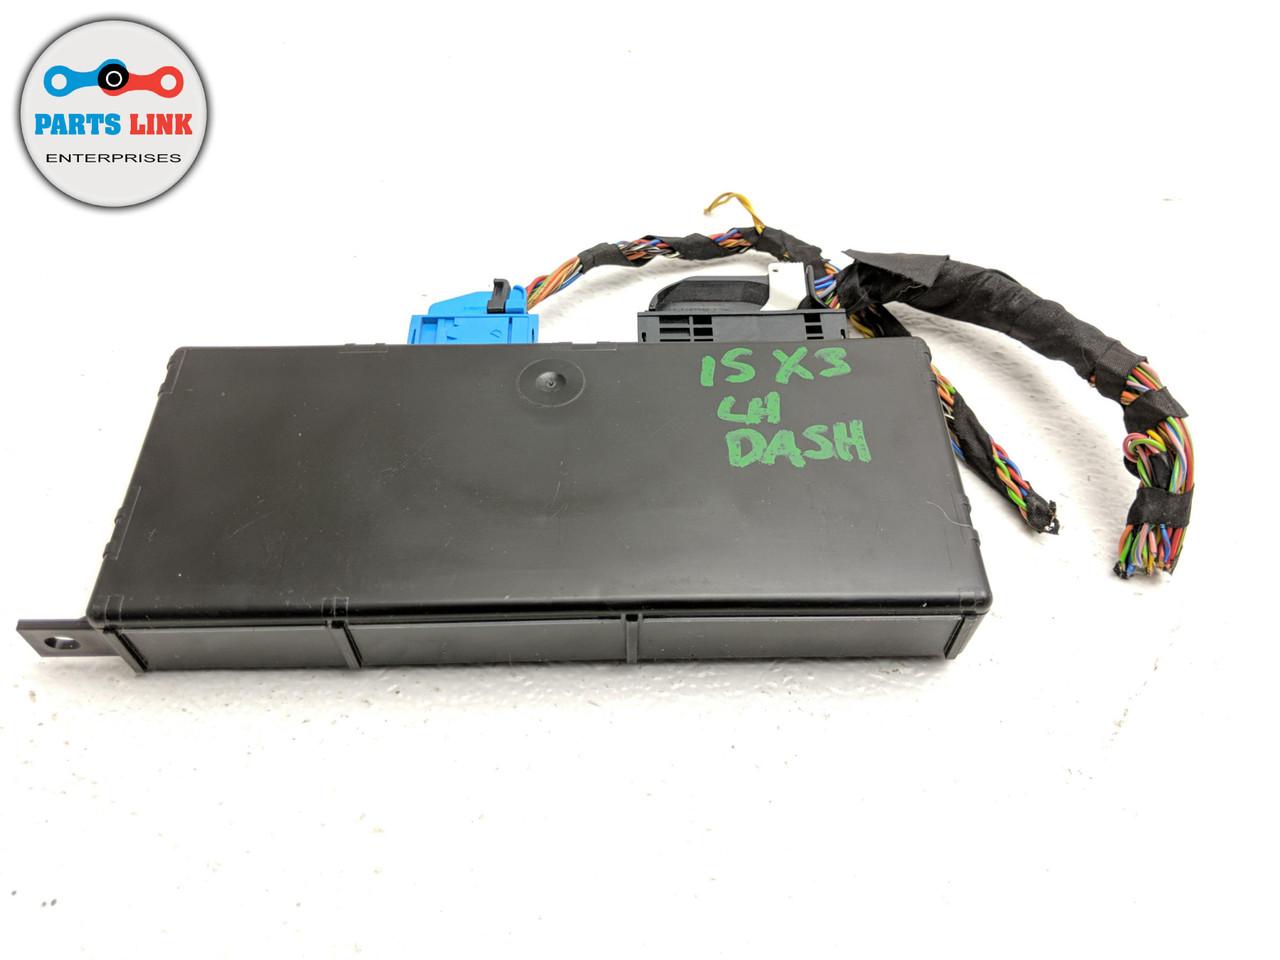 2011 2017 Bmw X3 Xdrive F25 Left Driver Dash Central Gateway Control Module Oem Parts Link Ent